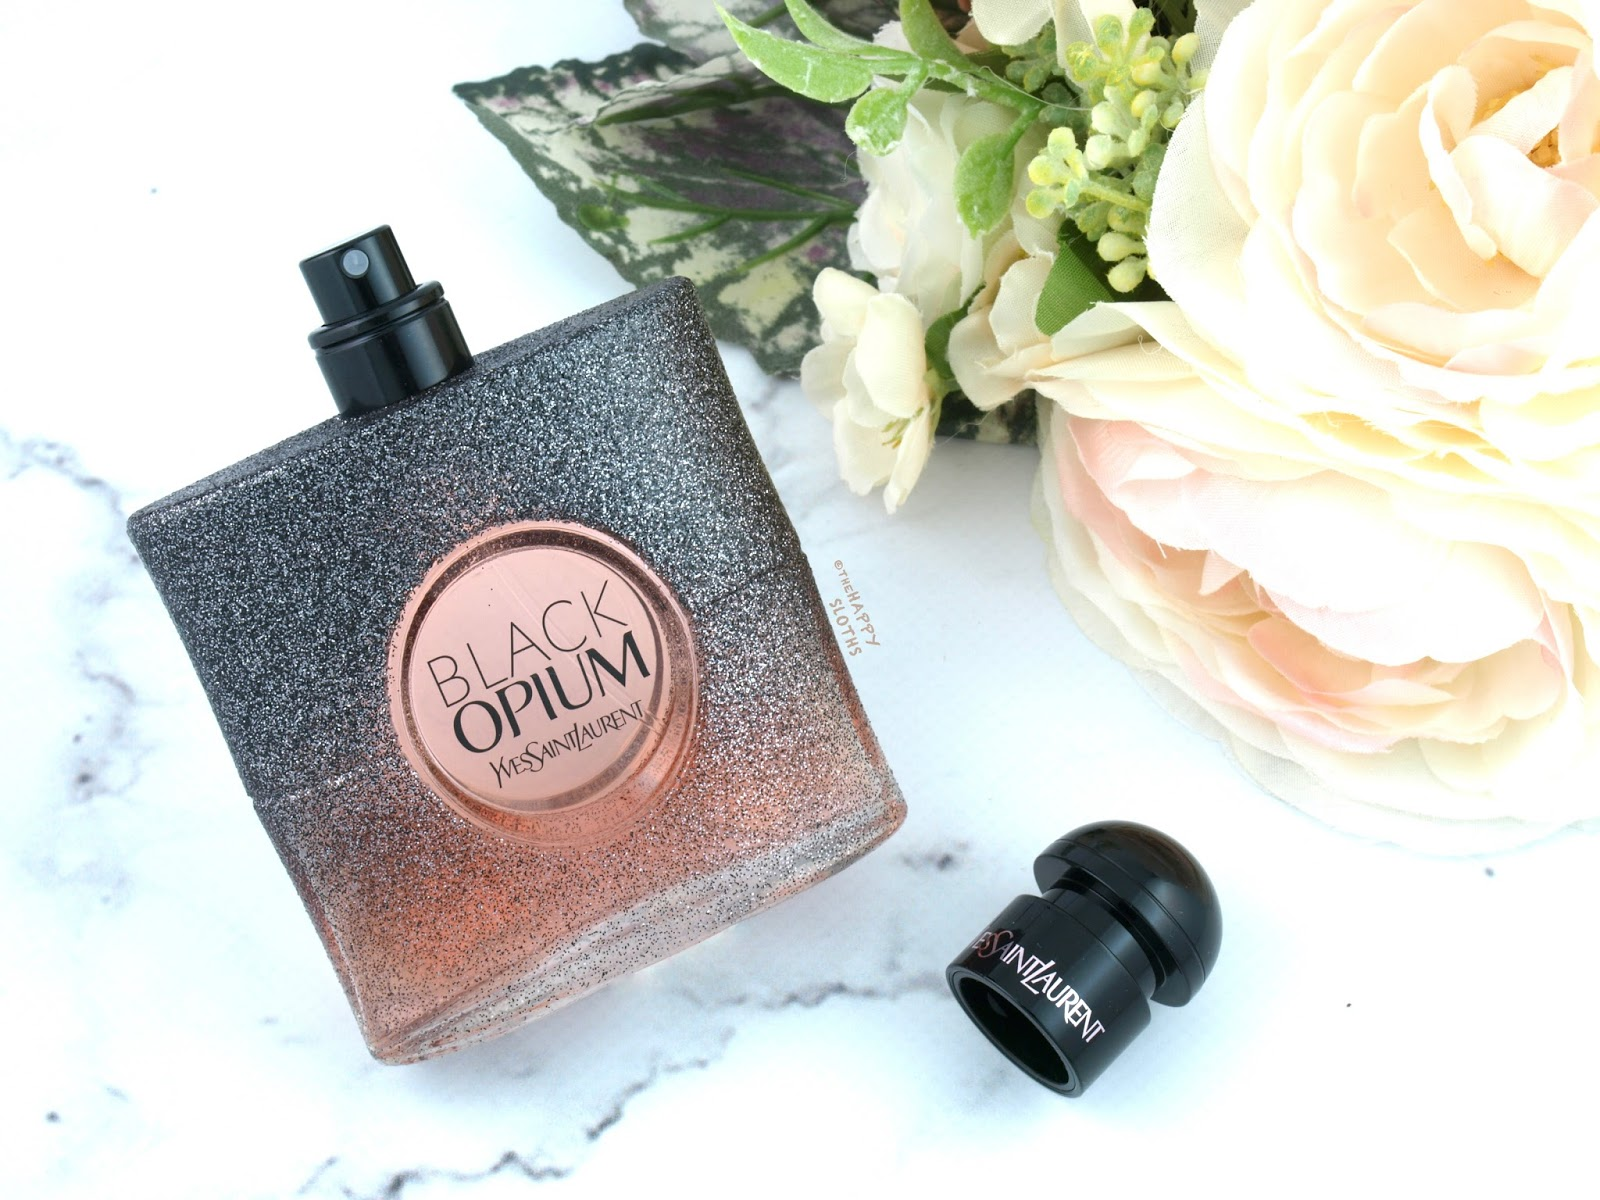 Yves Saint Laurent Black Opium Floral Shock Eau De Parfum Review